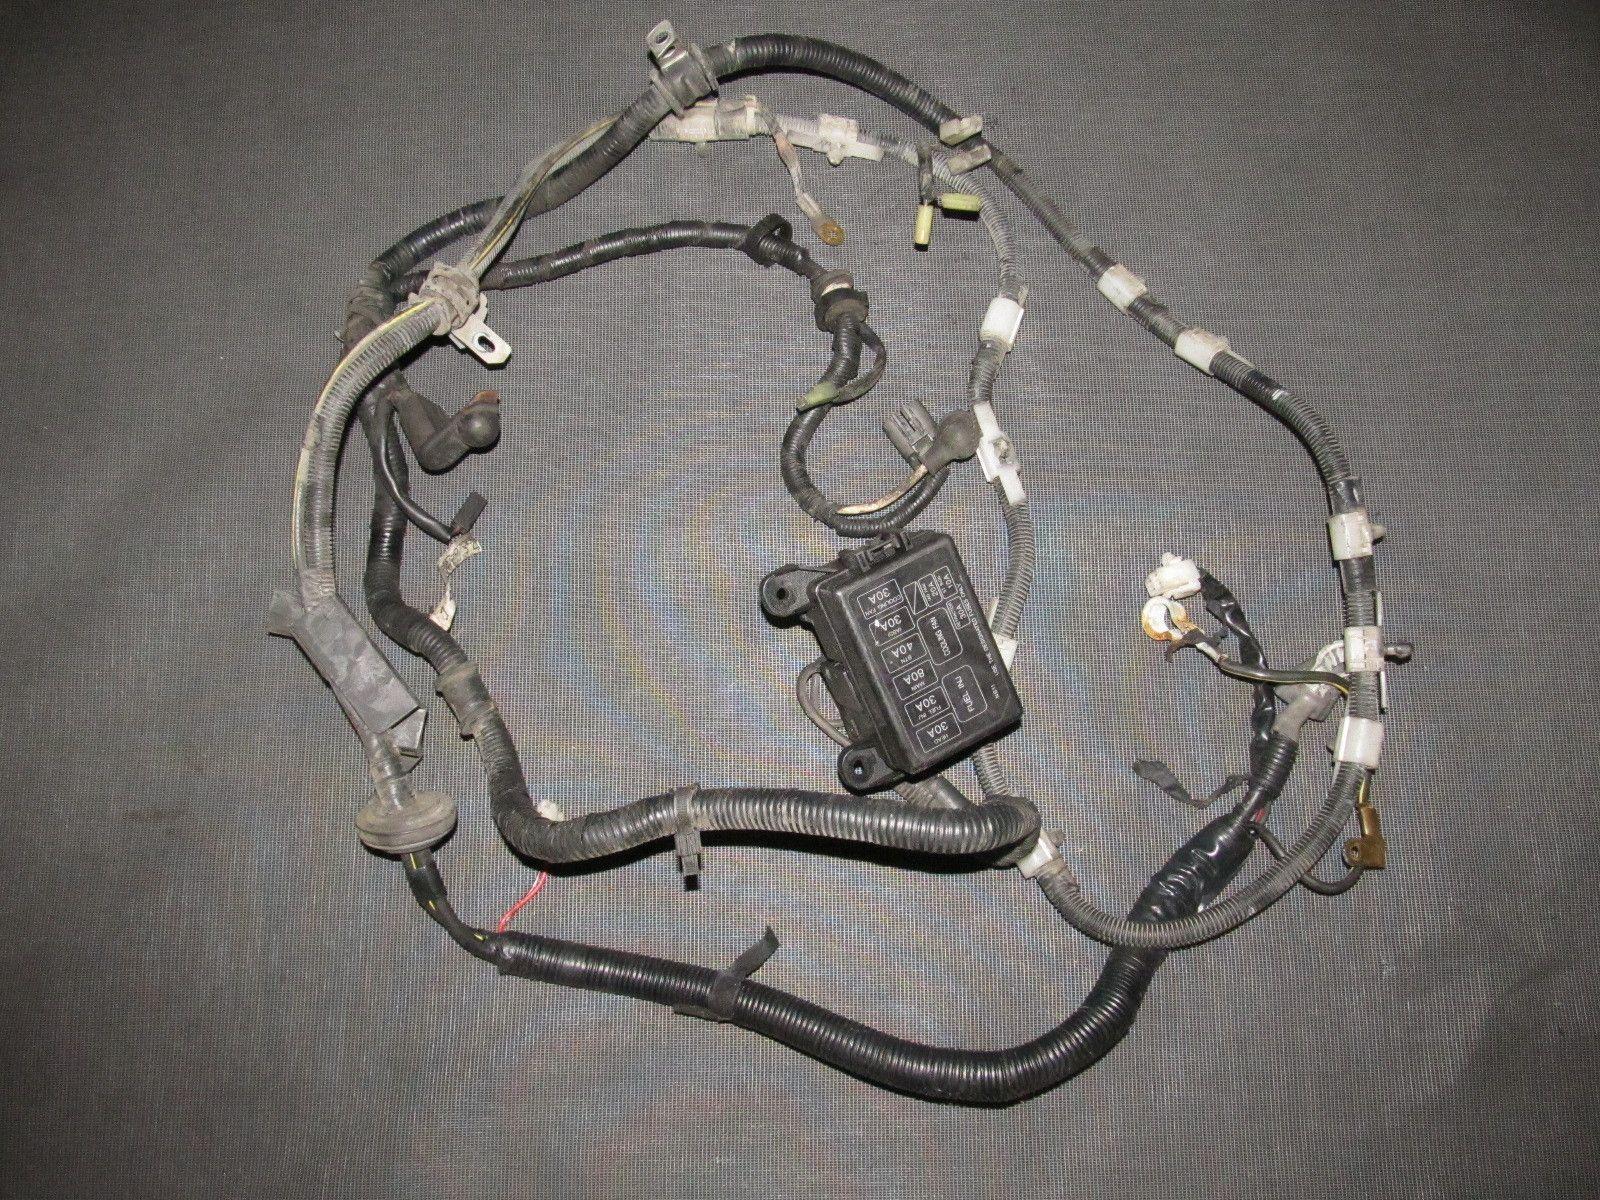 94 95 96 97 Mazda Miata OEM Battery Starter Alternator ...  Mazda Miata Fuse Box on